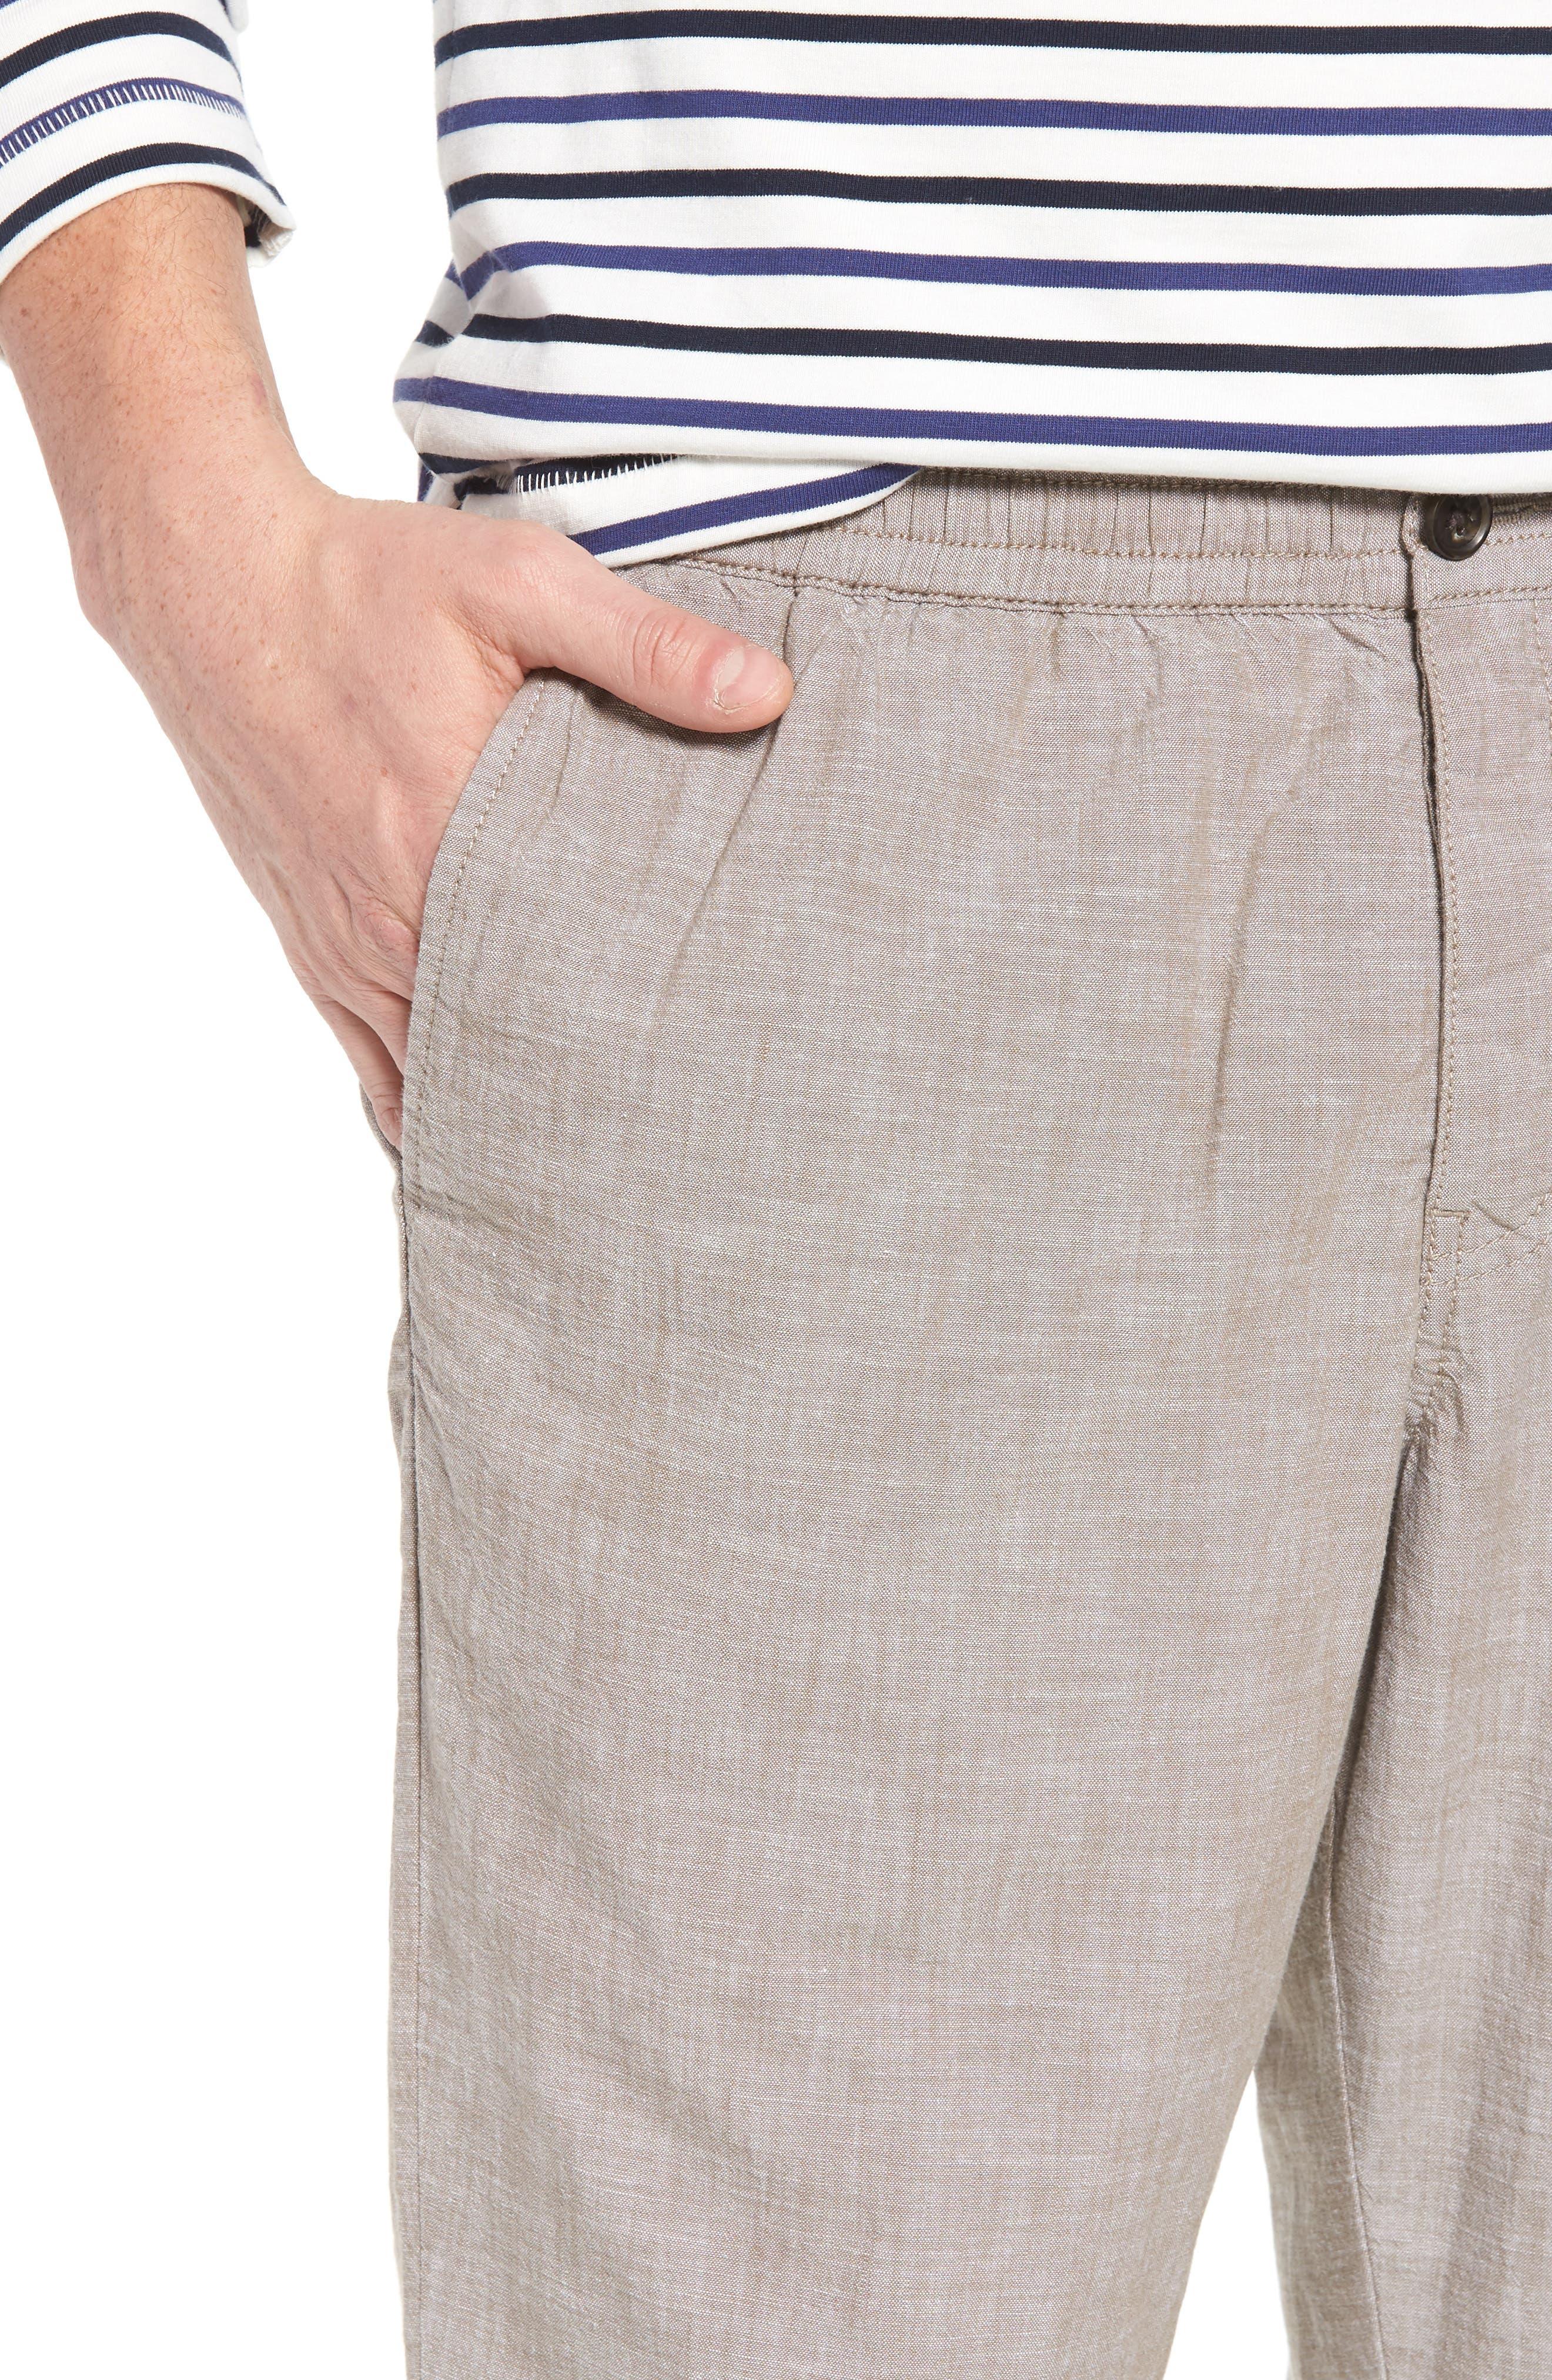 Crop Chambray Chino Pants,                             Alternate thumbnail 4, color,                             Tan Burrow Chambray